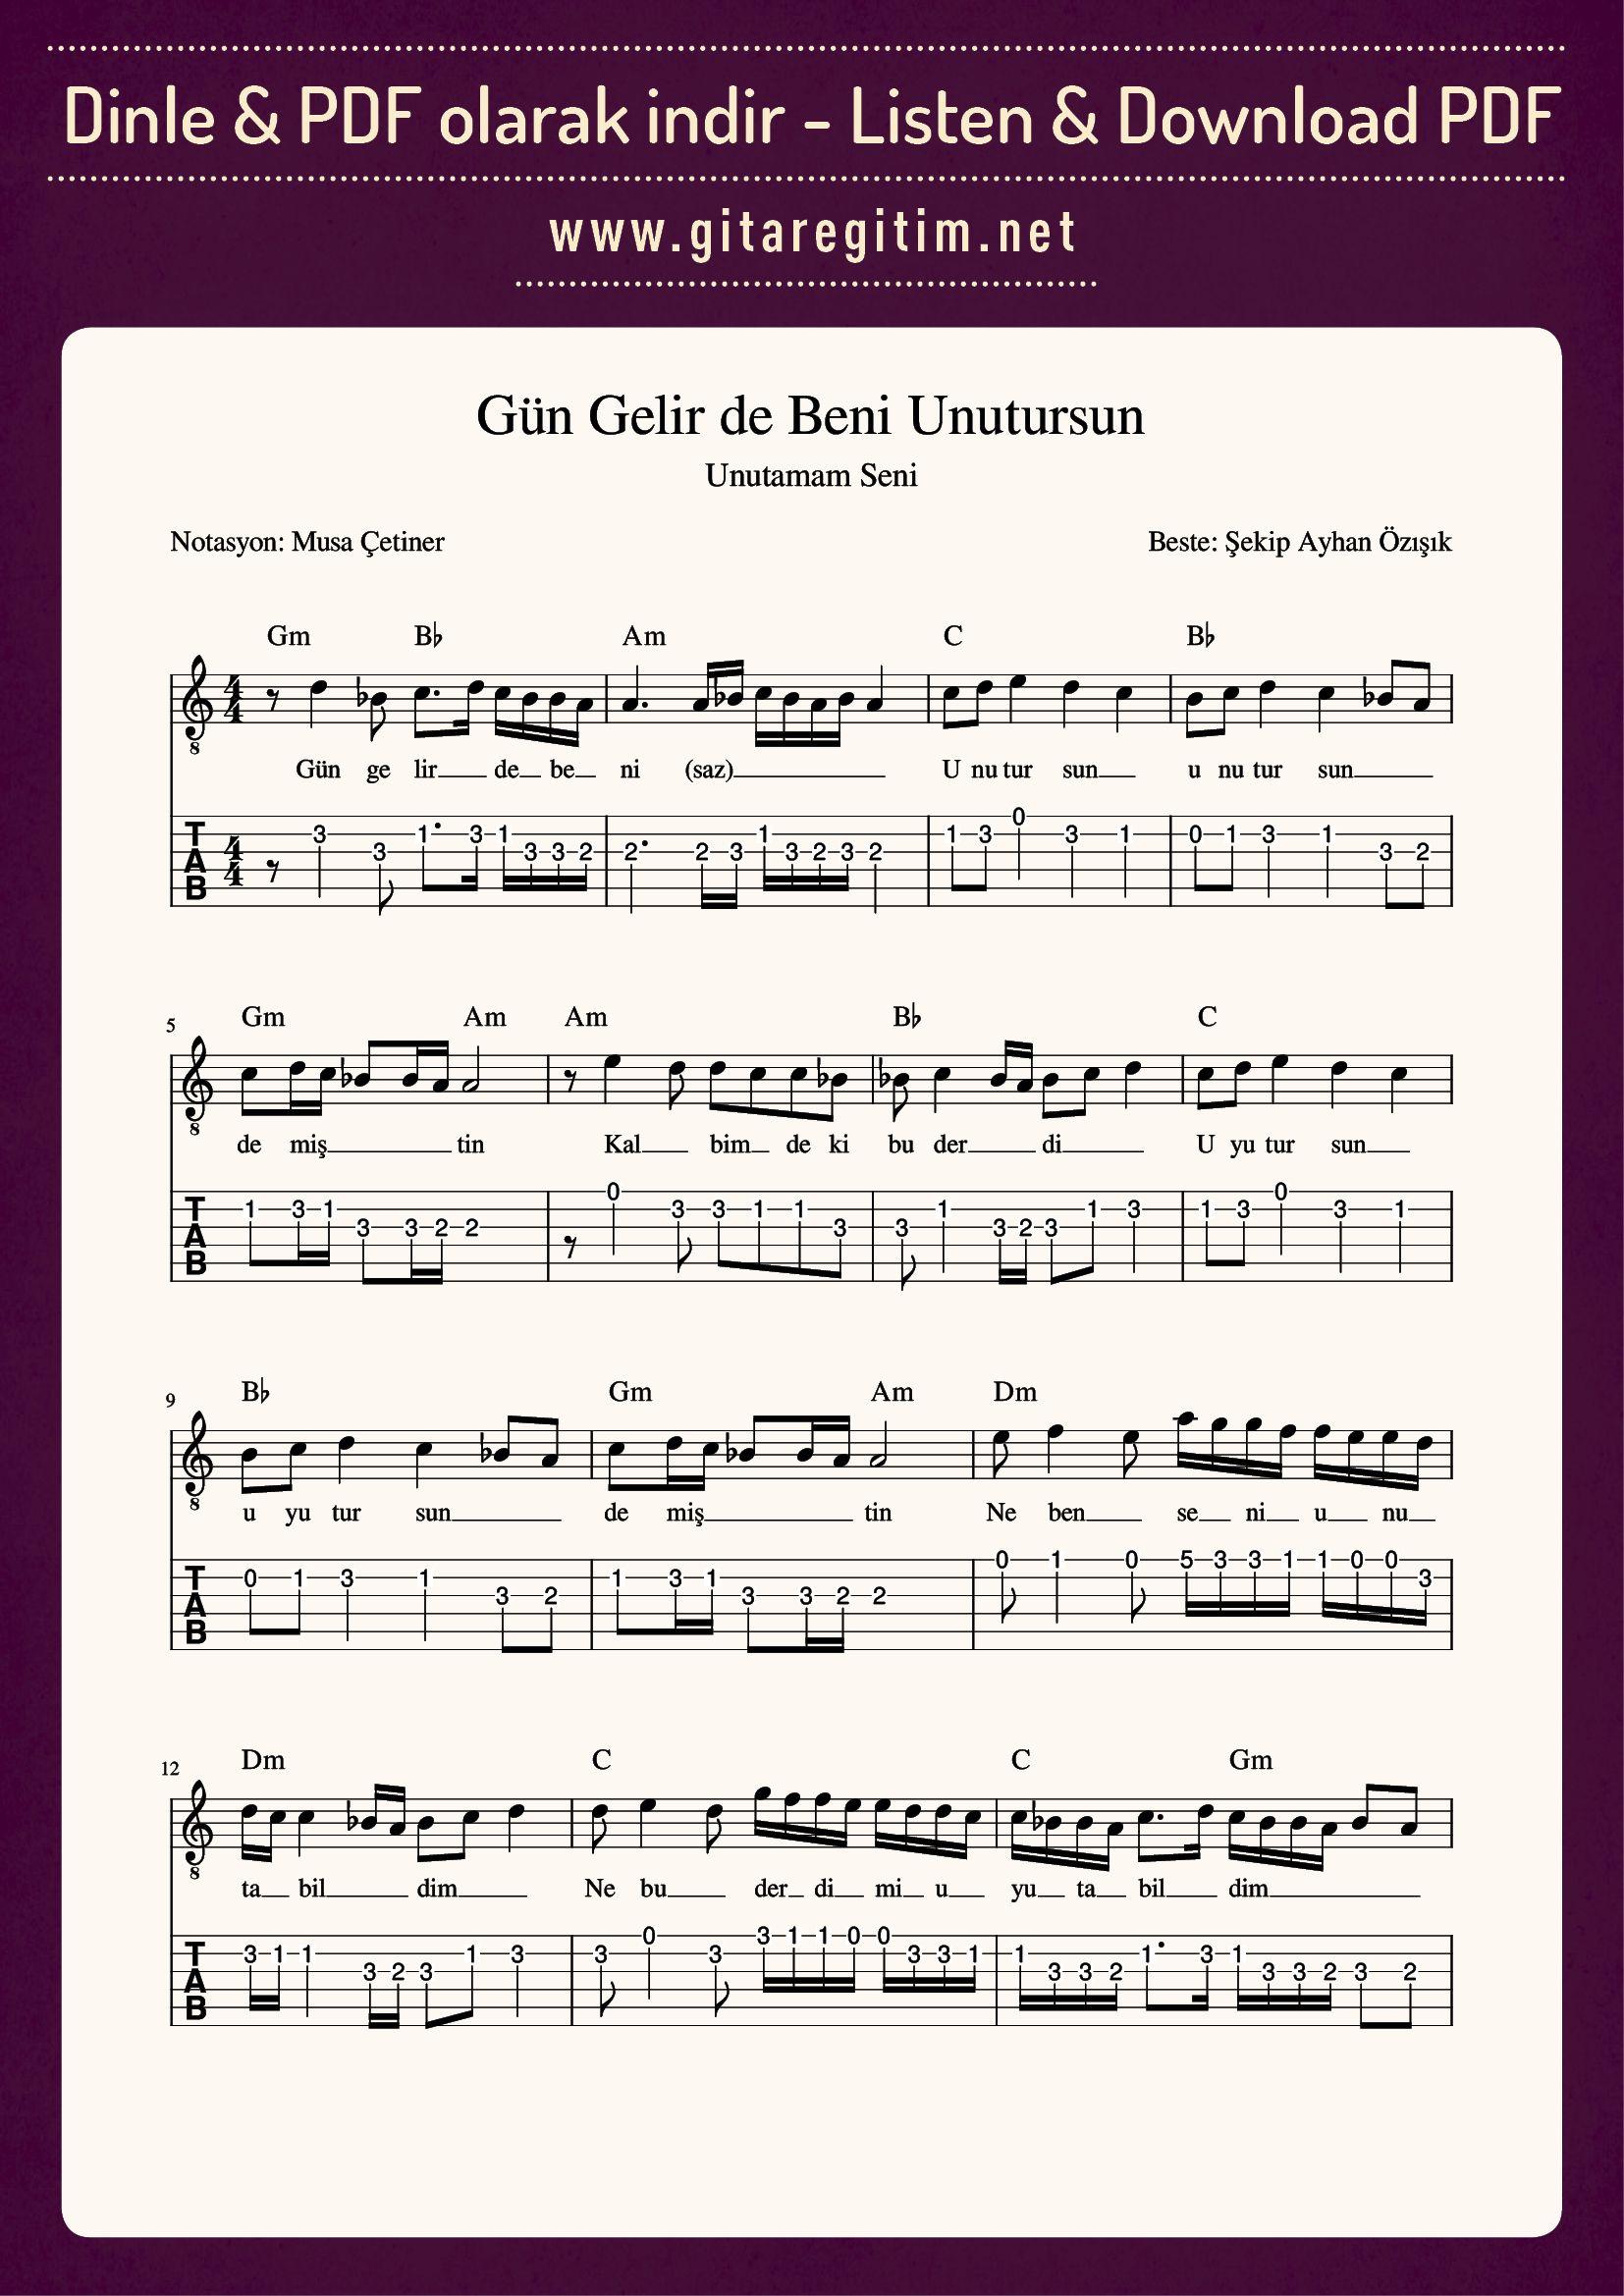 Gun Gelir De Beni Unutursun Nota Tab Gitaregitim Net Gitar Akordu Notalara Dokulmus Muzik Gitar